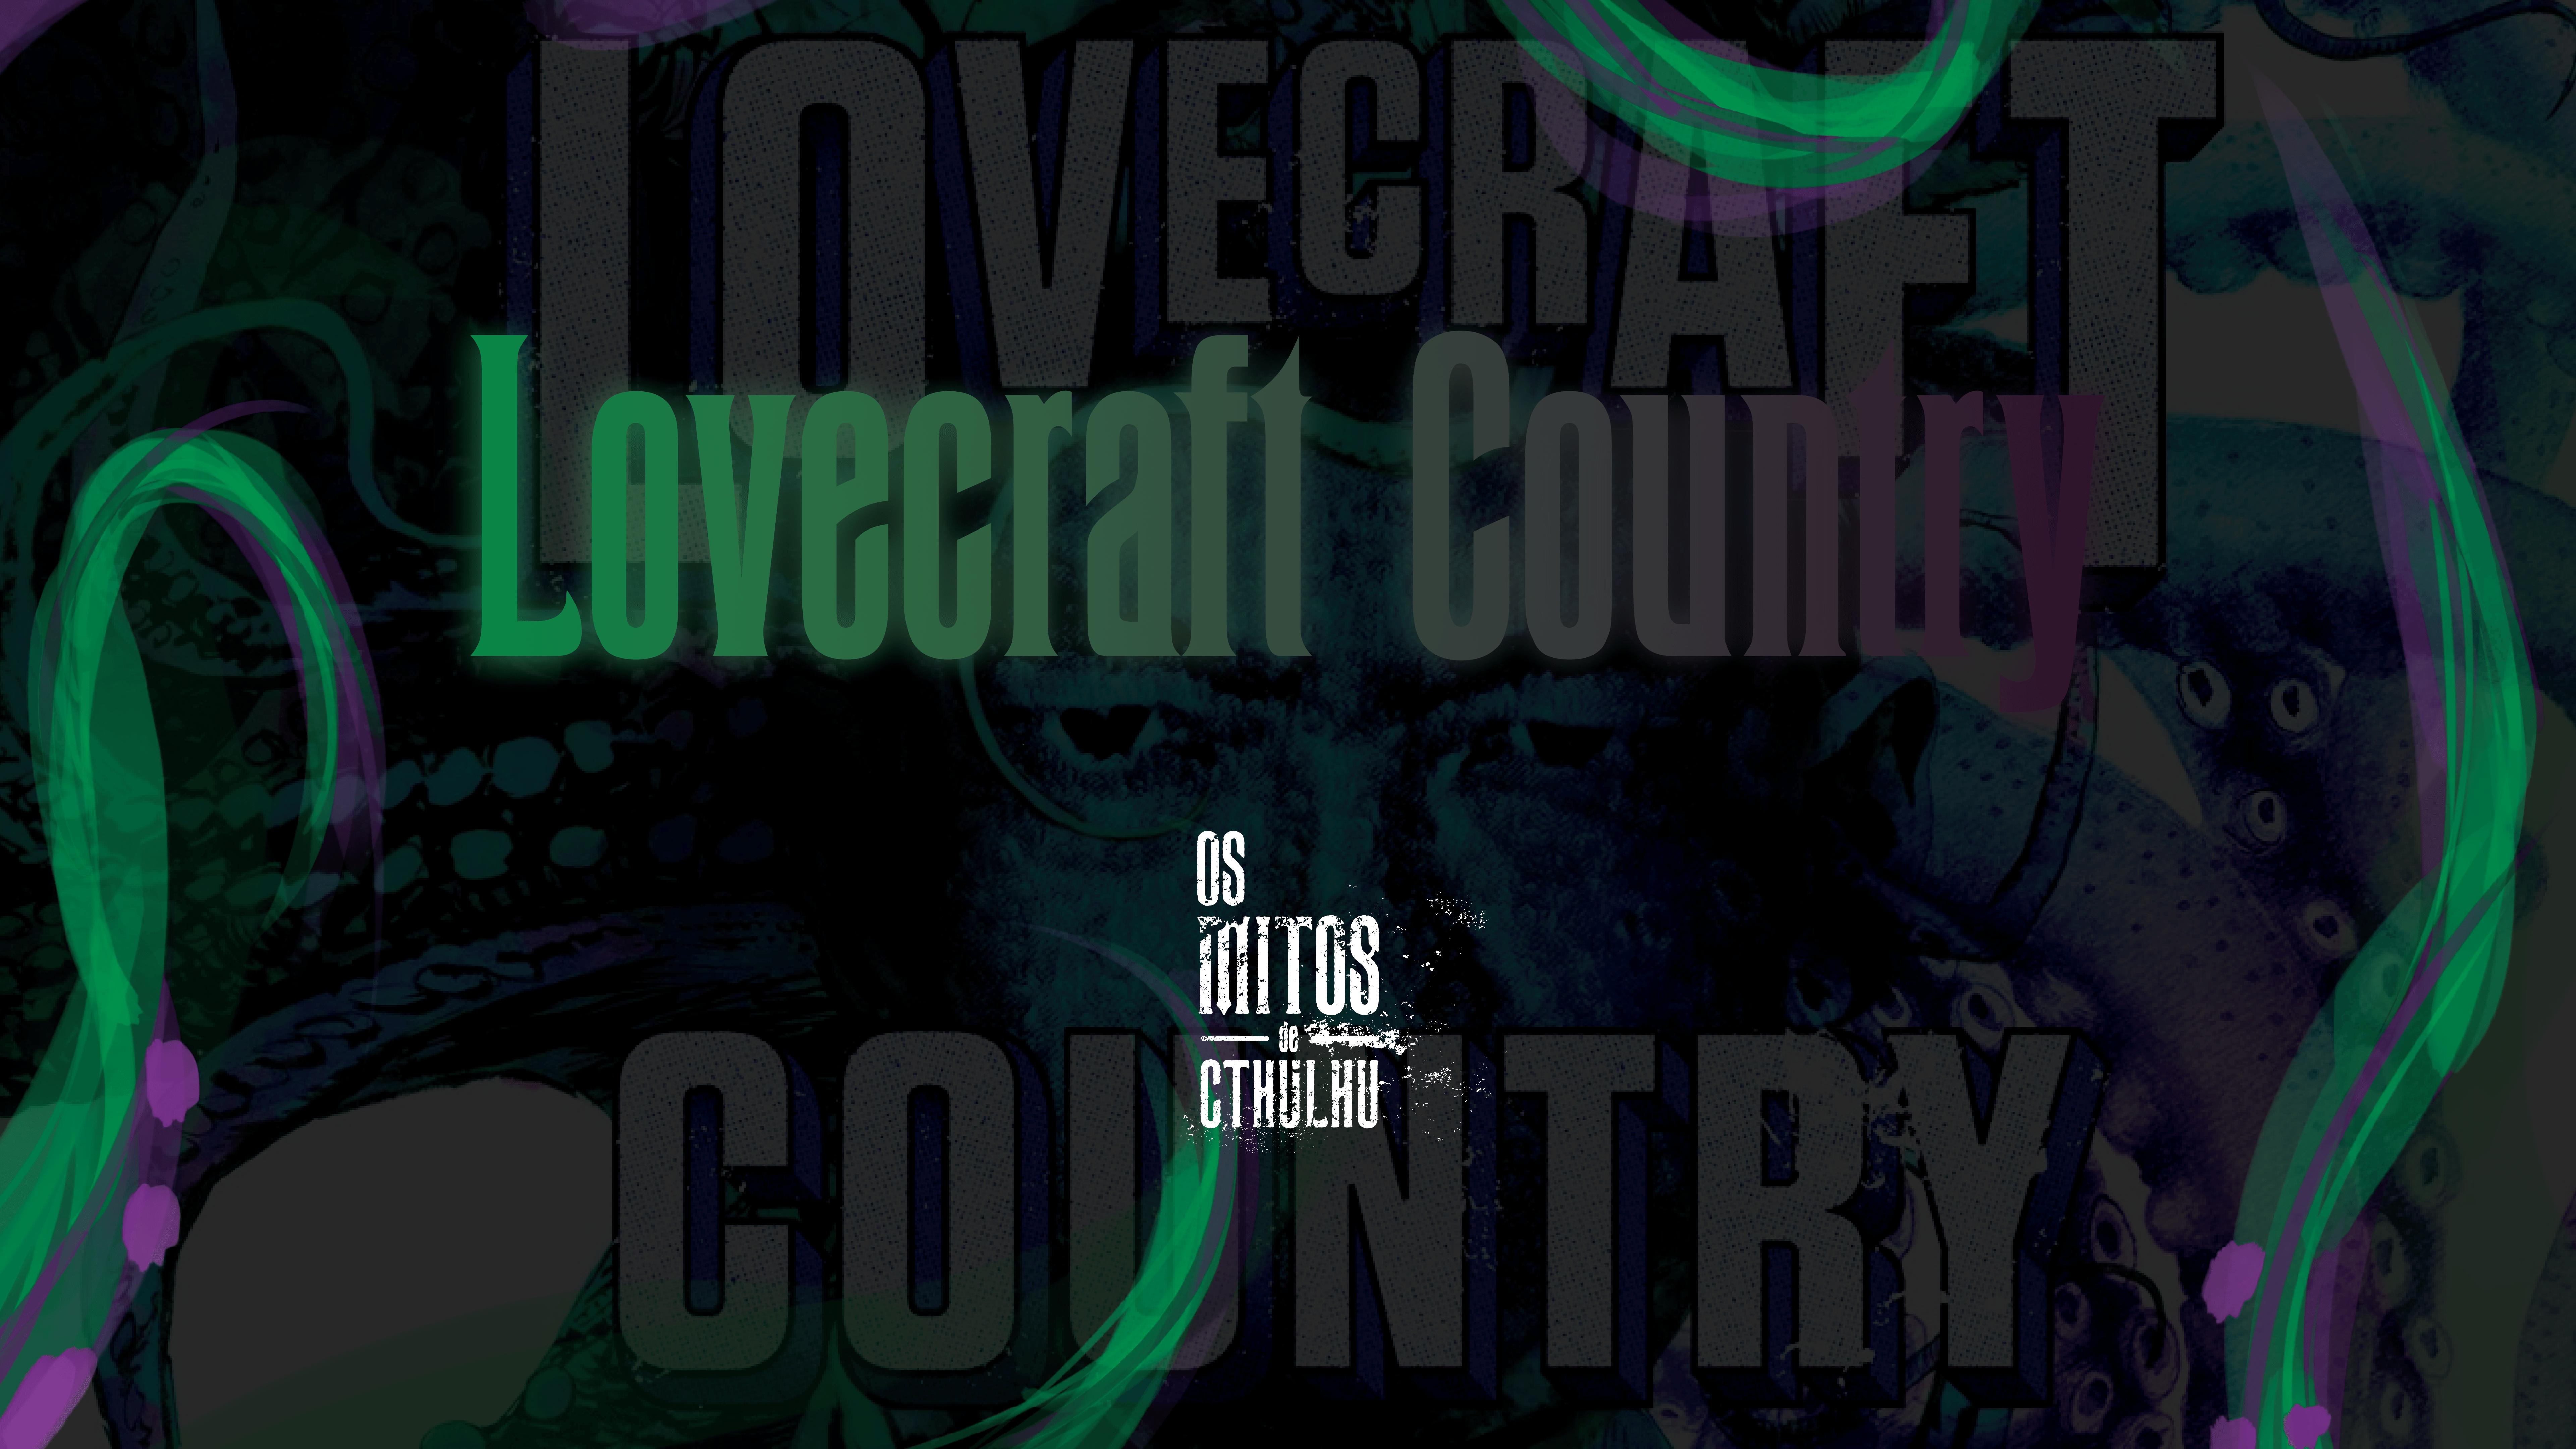 Lovecraft Country vai virar série pela HBO | Mitos de Cthulhu